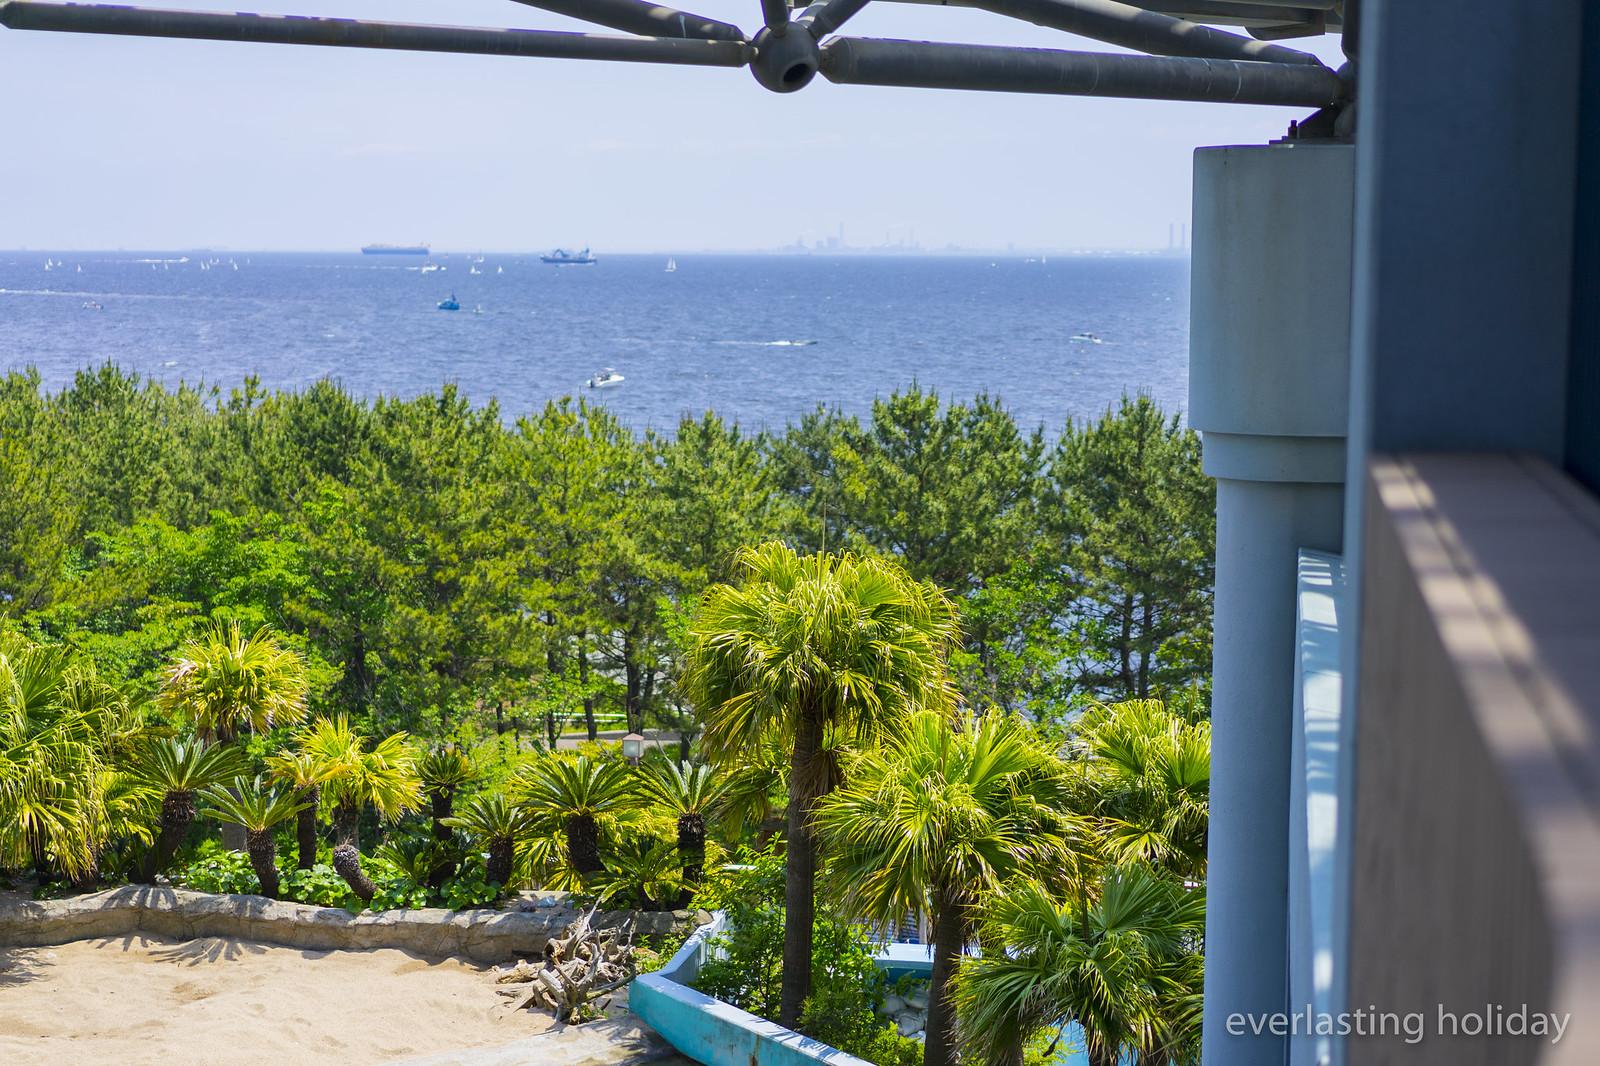 八景島シーパラダイス hakkeijima sea paradise-0001